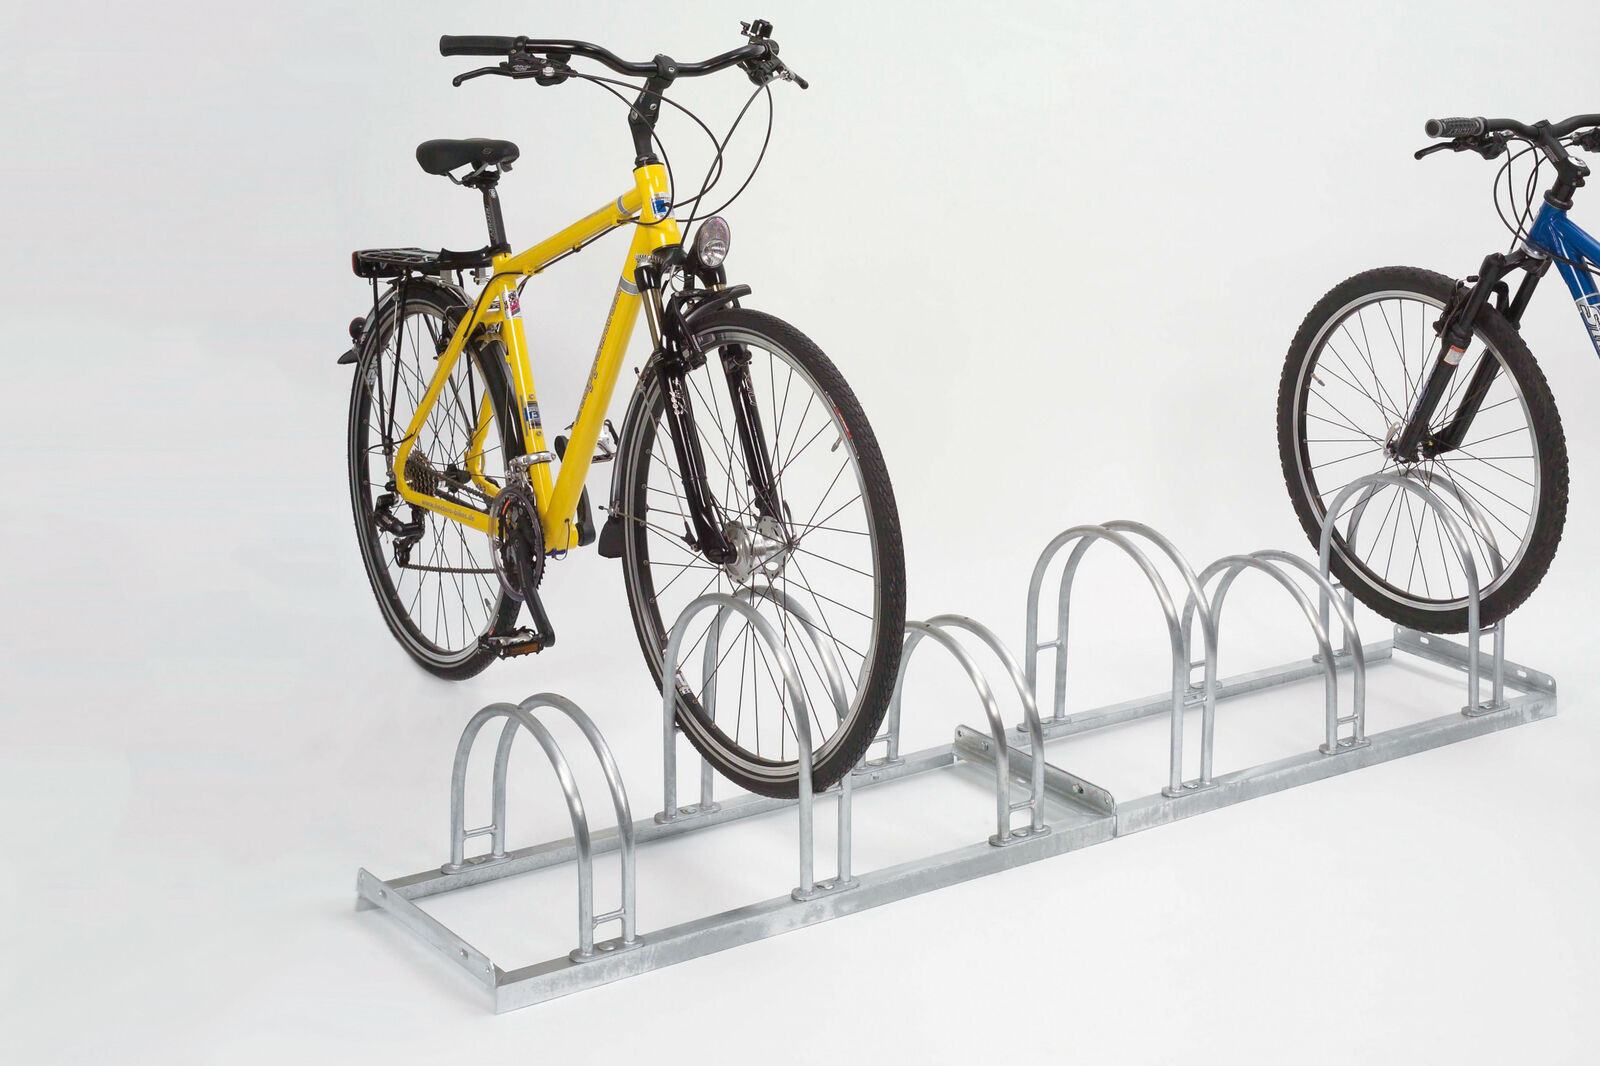 Fahrradständer 5053 1050mm einseitig   Fahrrad   Bogenparker   3 Stellplätze